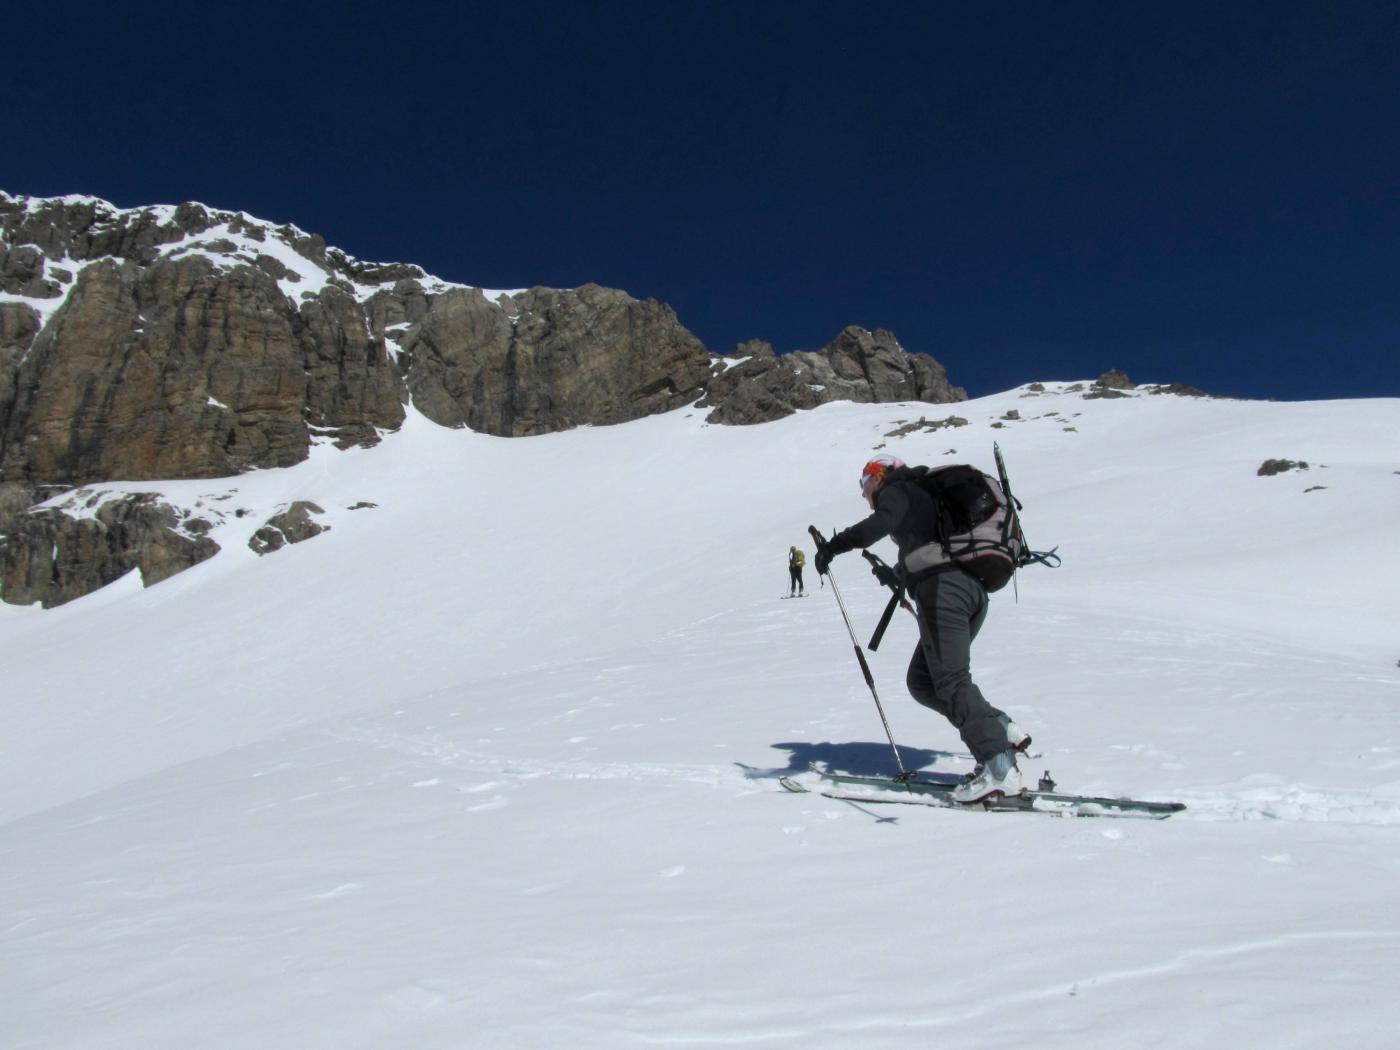 Ultimi metri con gli sci, poi cresta finale.